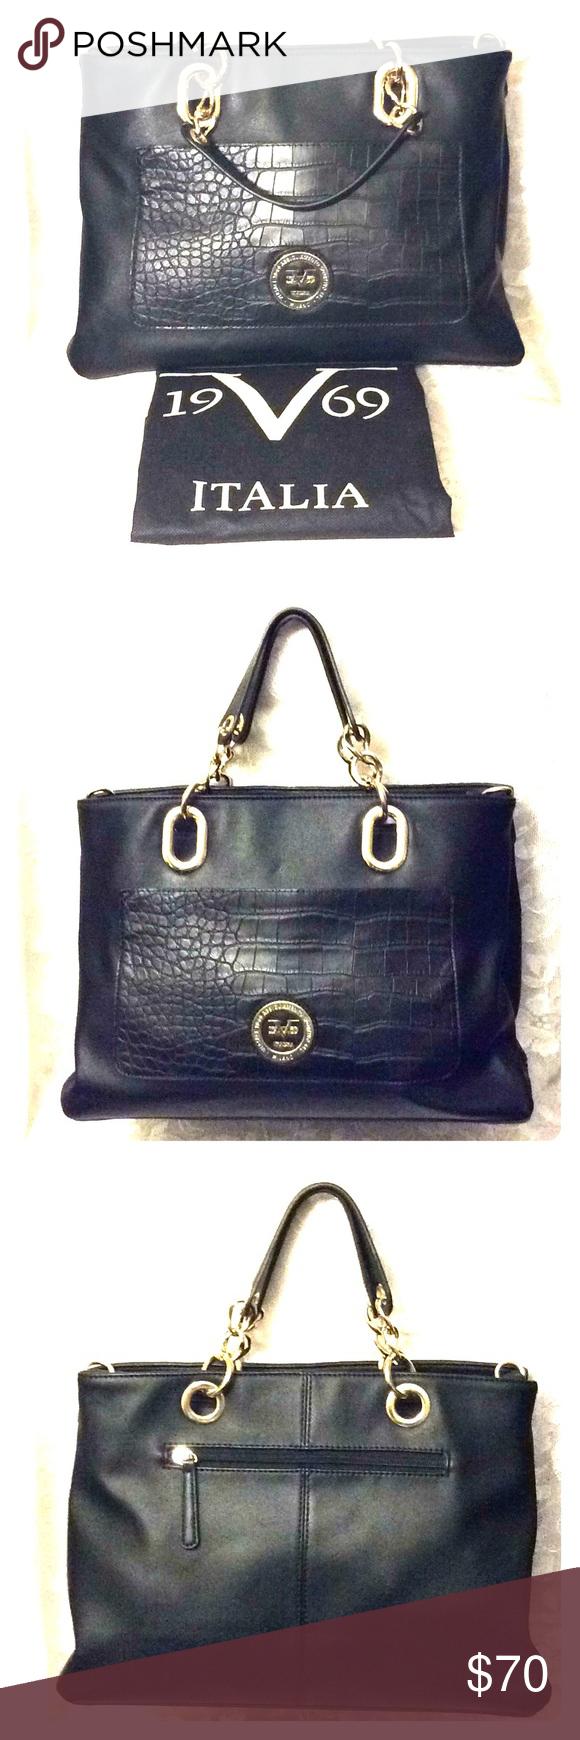 Versace 1969 Abbigliamento Sportivo SRL Handbag Versace 1969 Abbigliamento  Sportivo (Alessandro Versace) Handbag. 22987d84ff02b